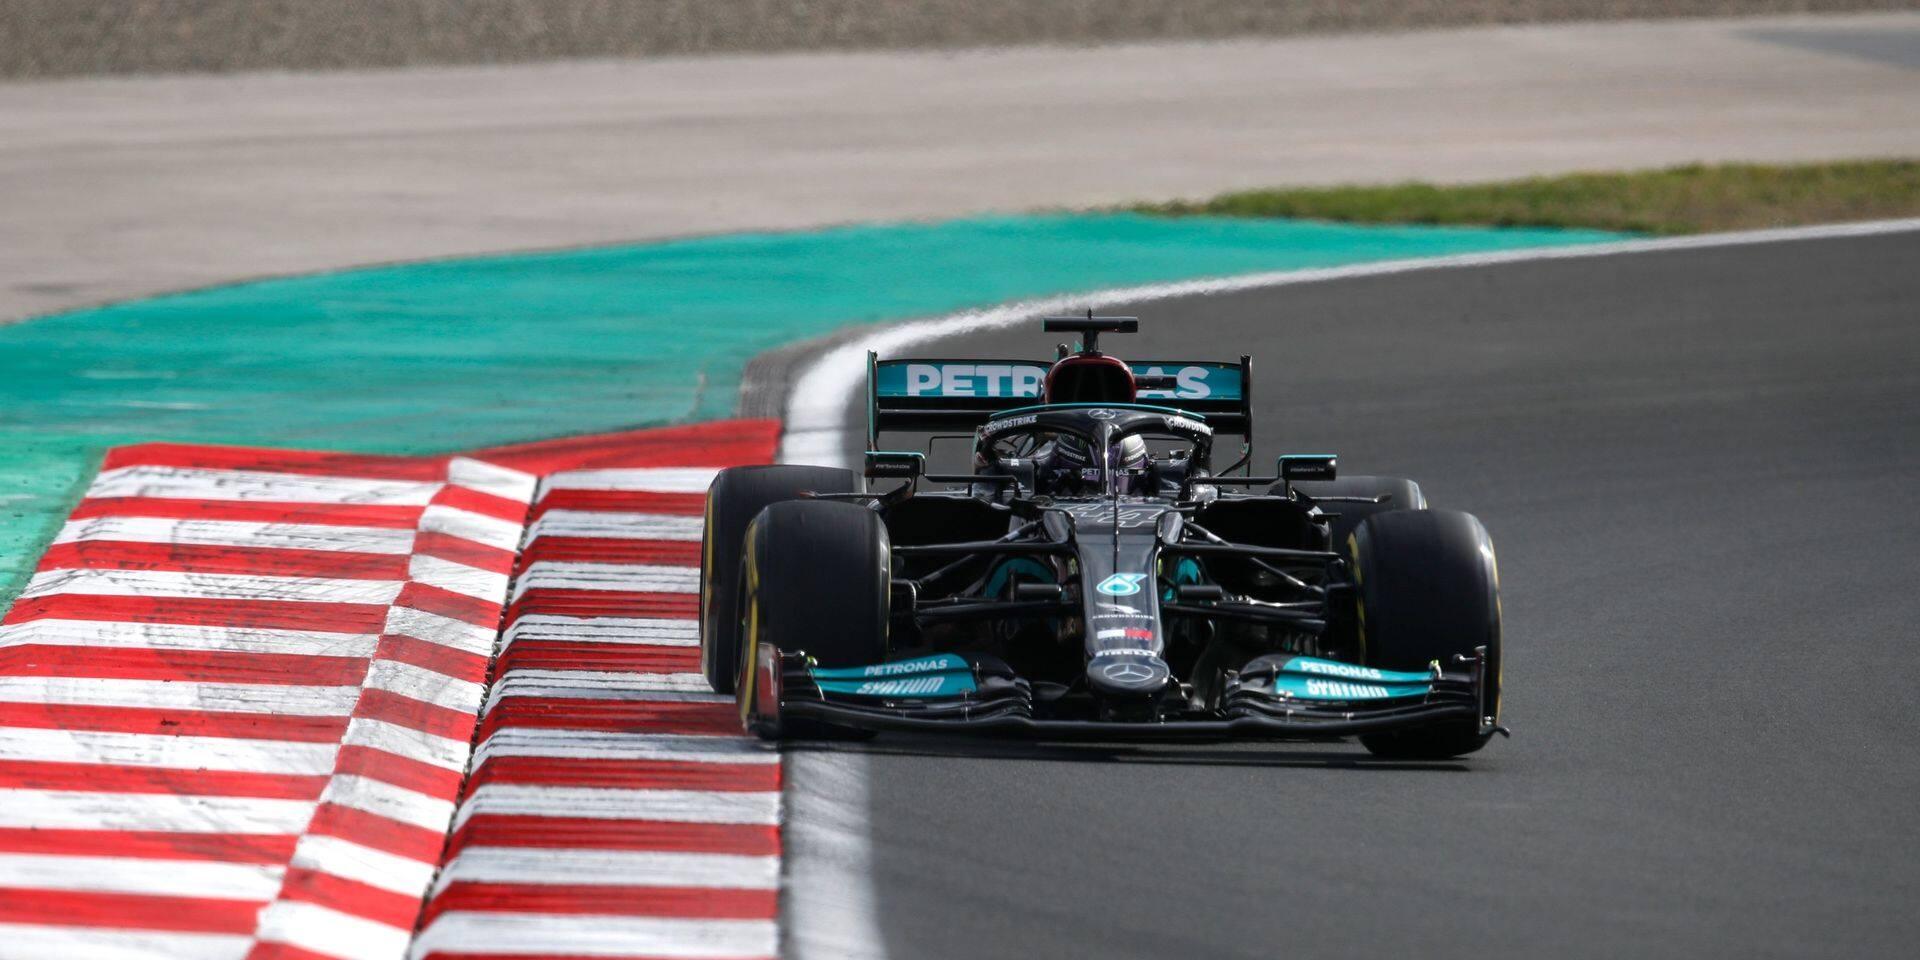 GP de Turquie (Libres 2): Hamilton insiste devant Leclerc et Bottas